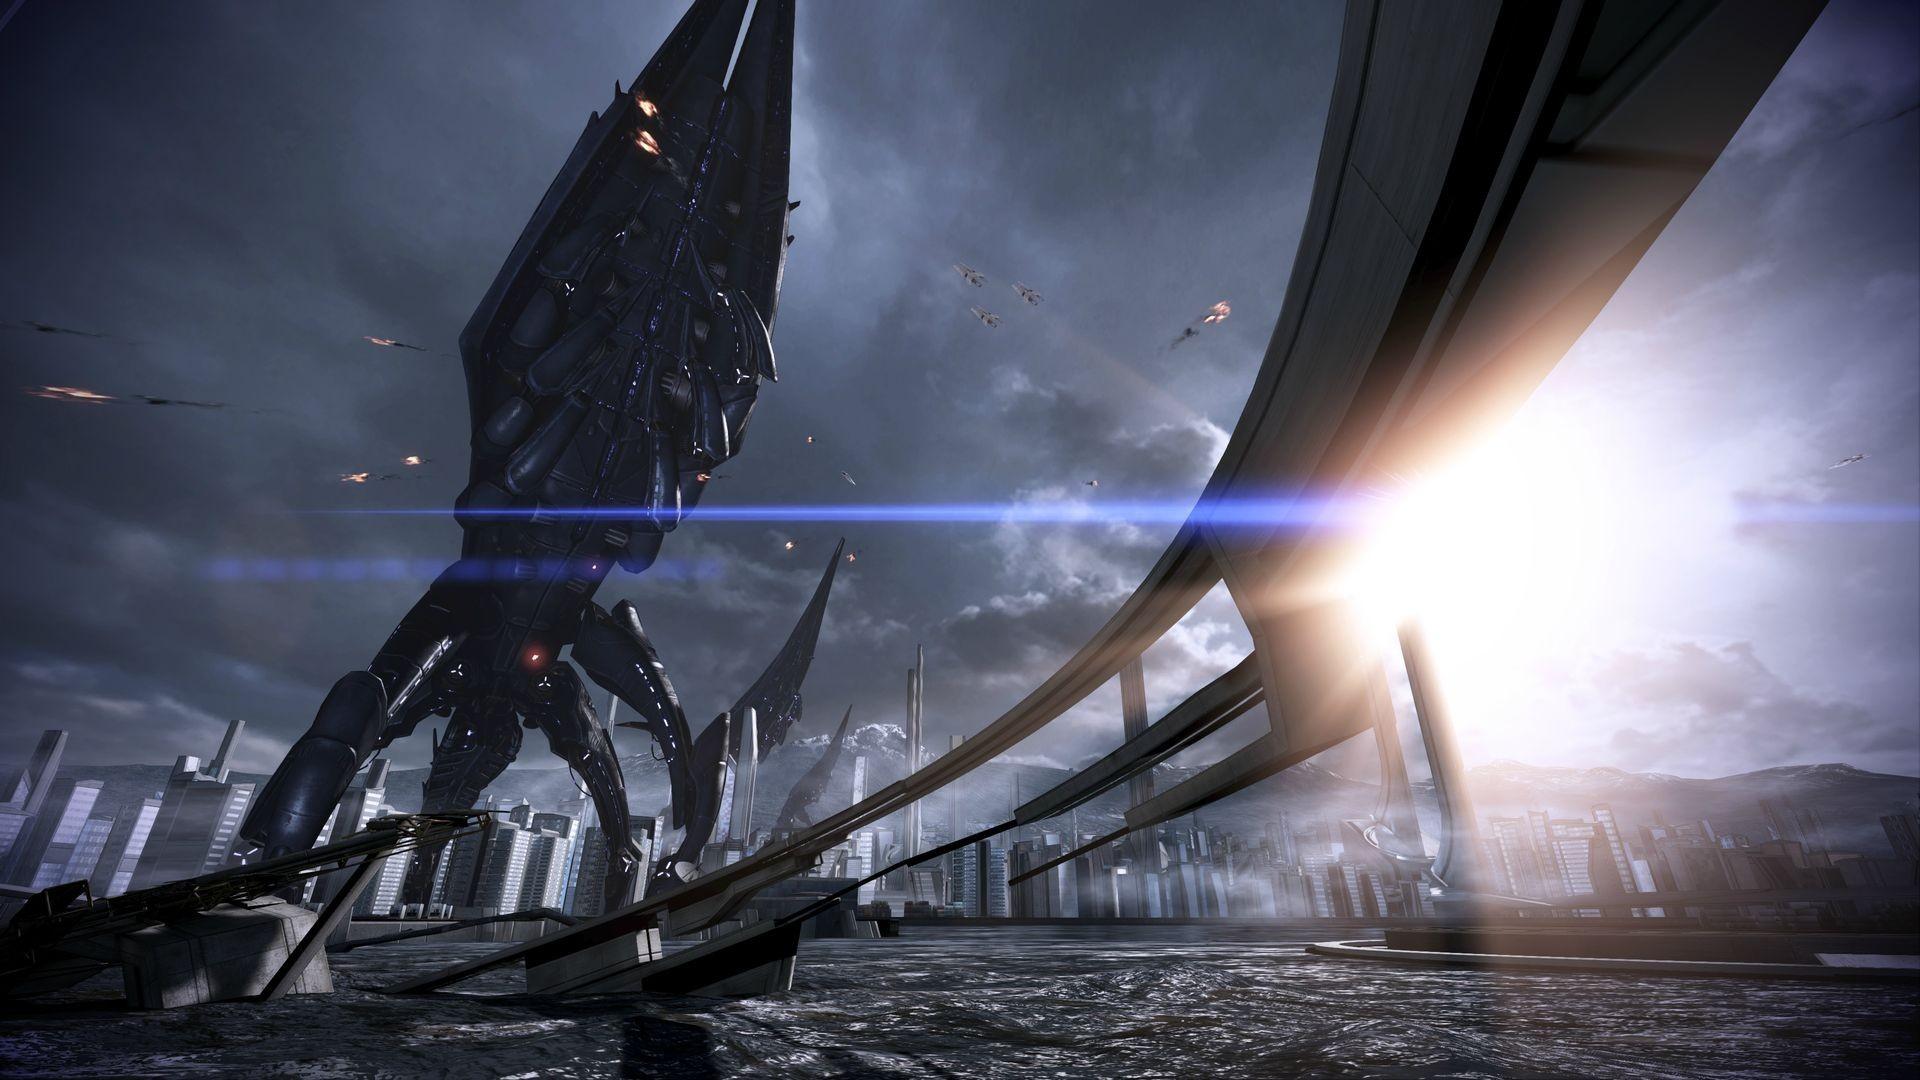 Reaper Destruction – Mass Effect 3 Concept Art | The Reaper Threat |  Pinterest | Video games and Universe